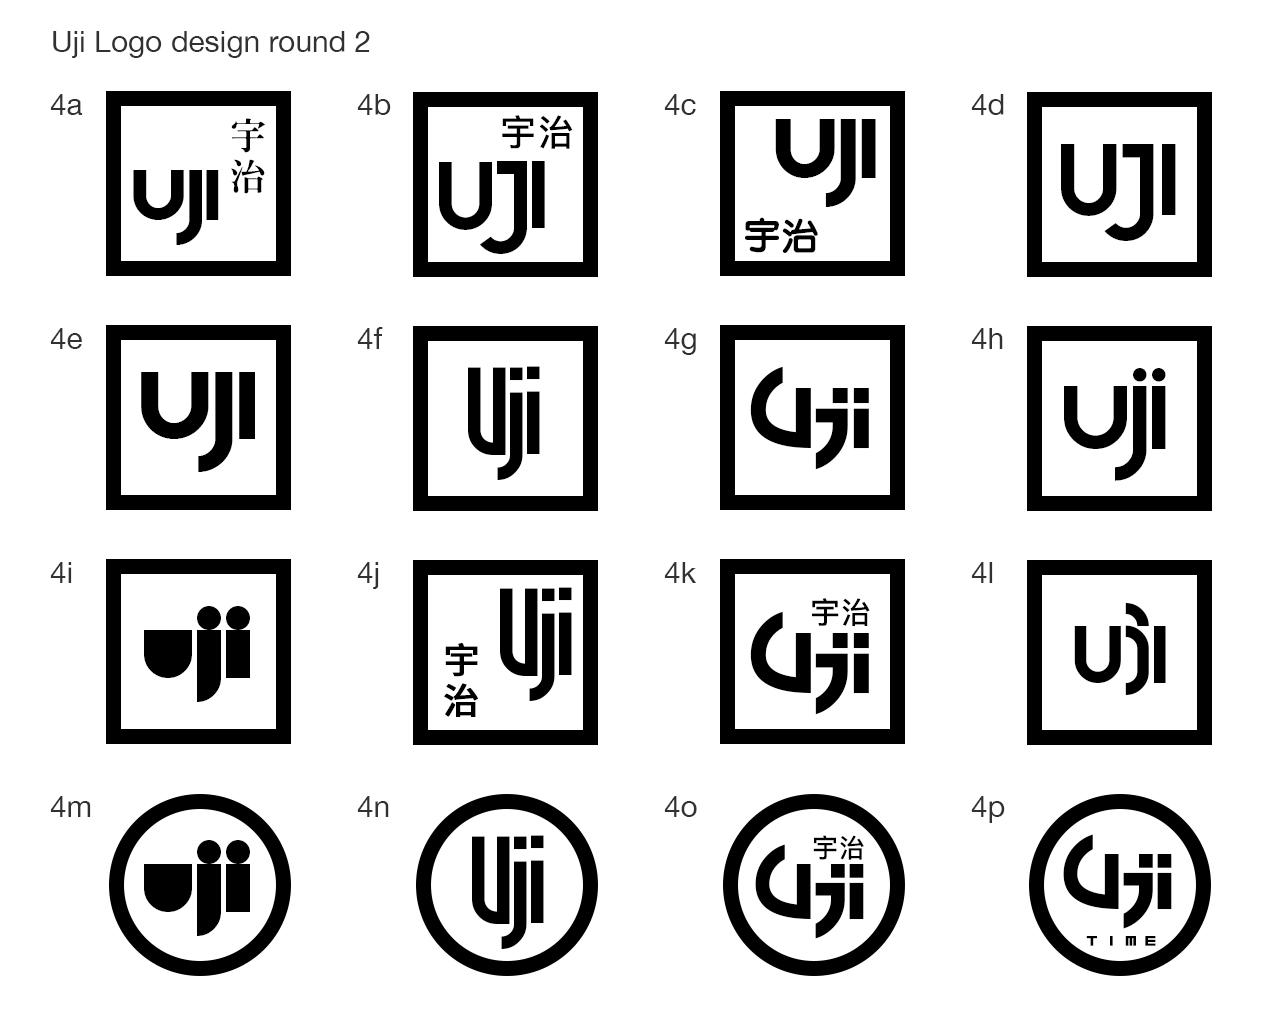 uji_logo_design_r2_page2